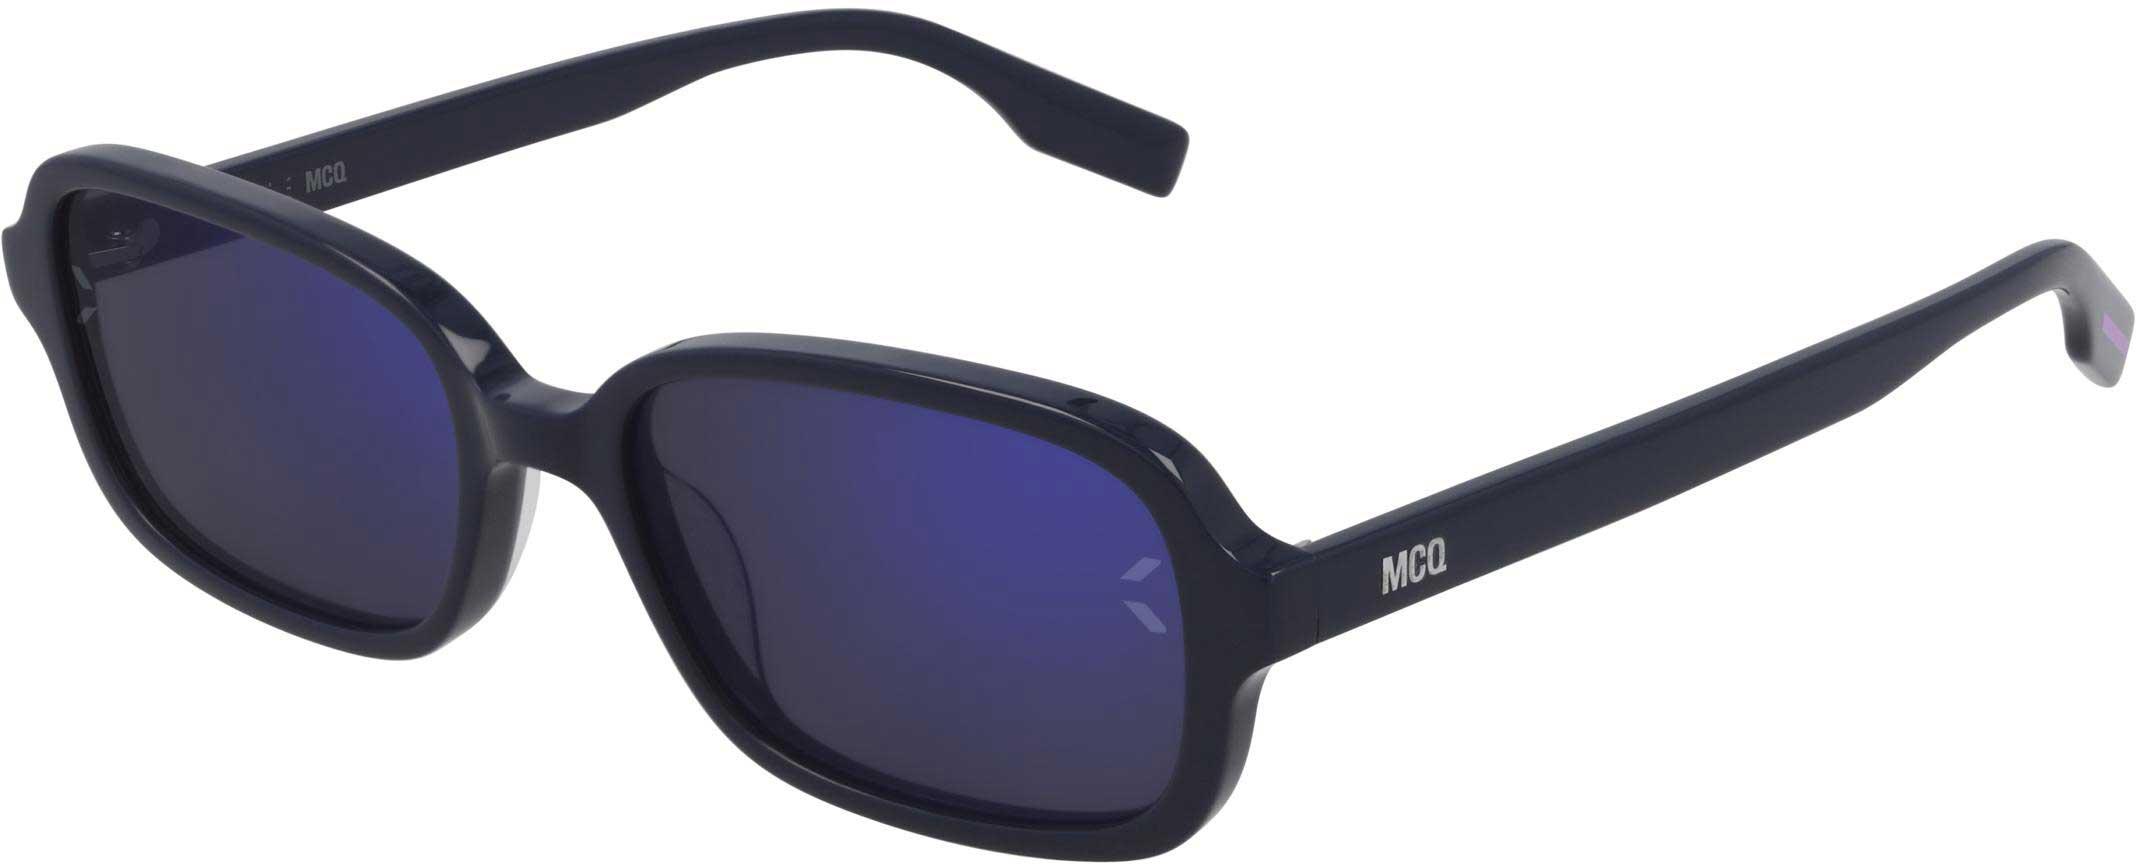 McQ MQ0309S-003-54   889652331621